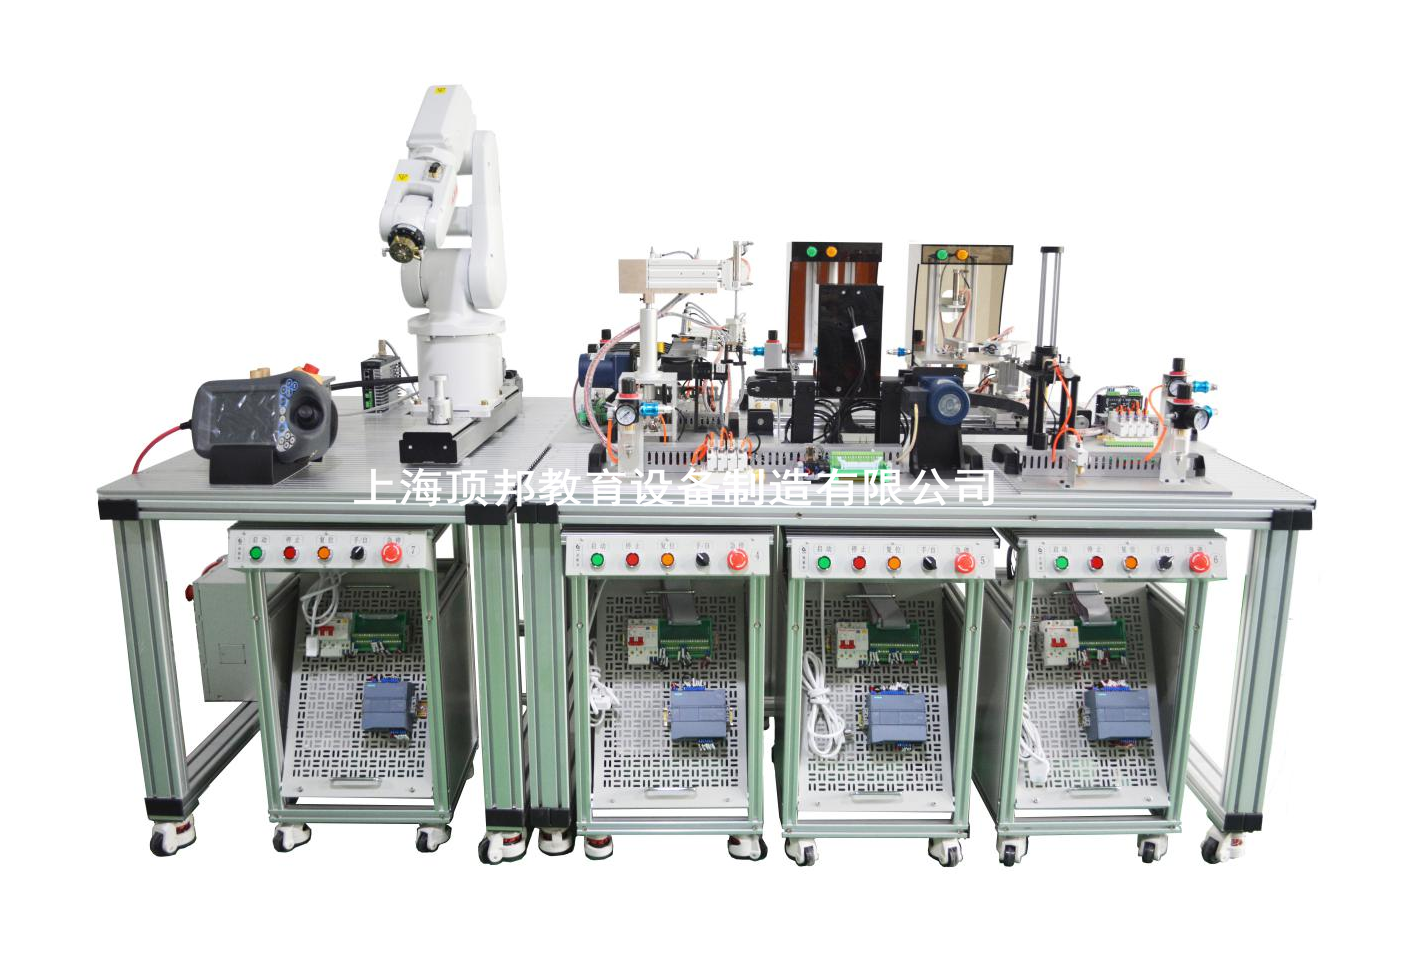 智能工业机器人实训平台